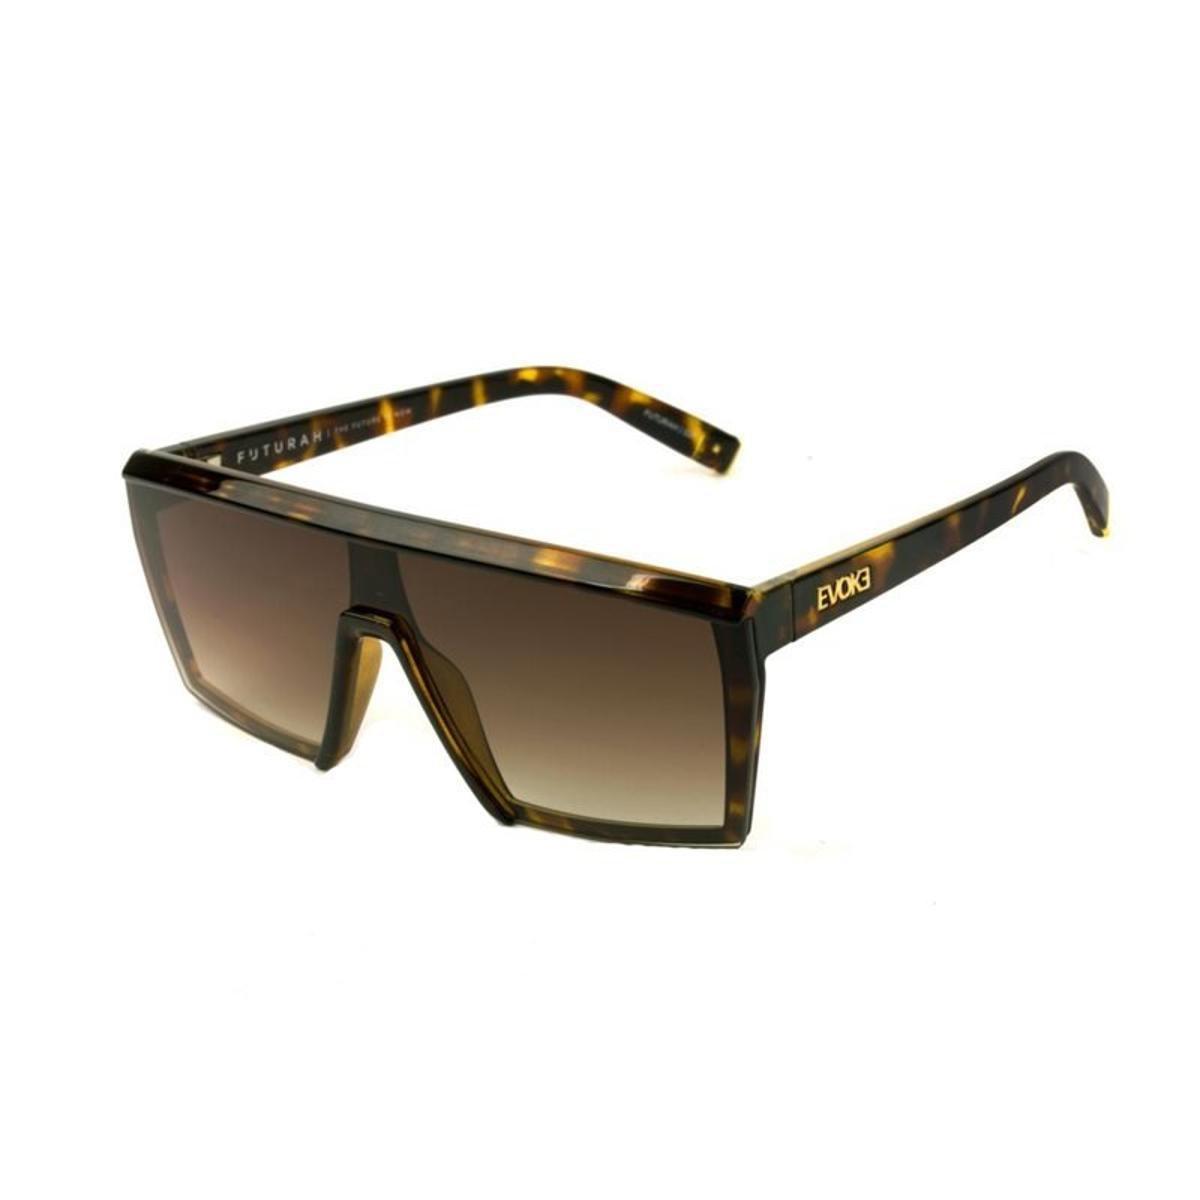 658139c02 Óculos de Sol Evoke Futurah G21 Turtle Shine Feminino - Marrom   Netshoes